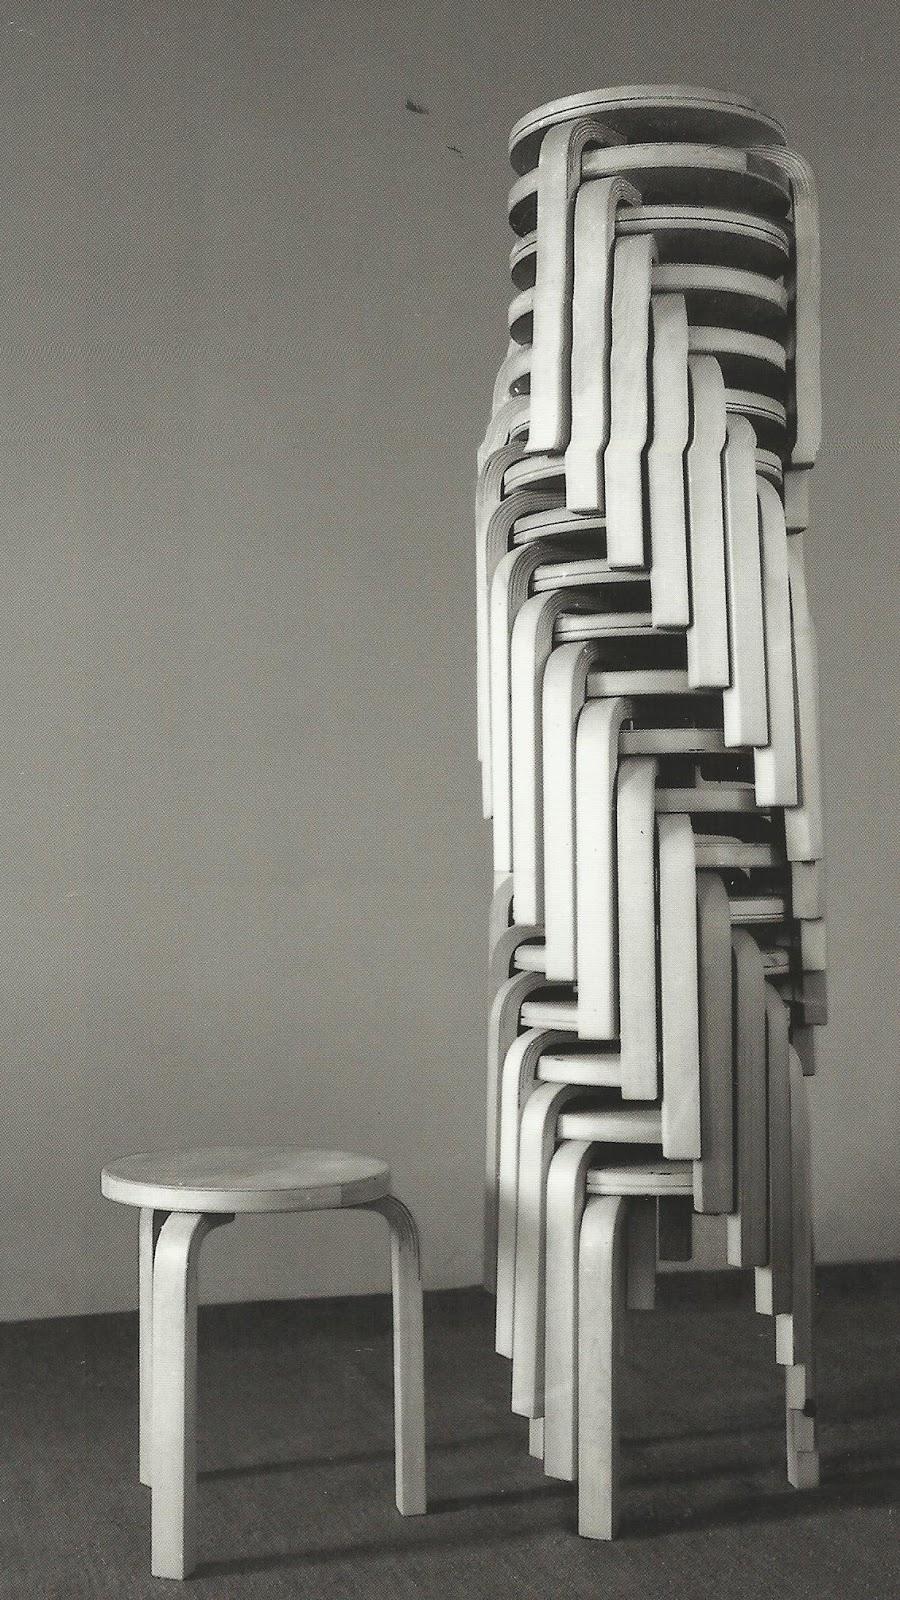 Alvar aalto la peque a escala mobiliario y decoraci n for Alvar aalto muebles